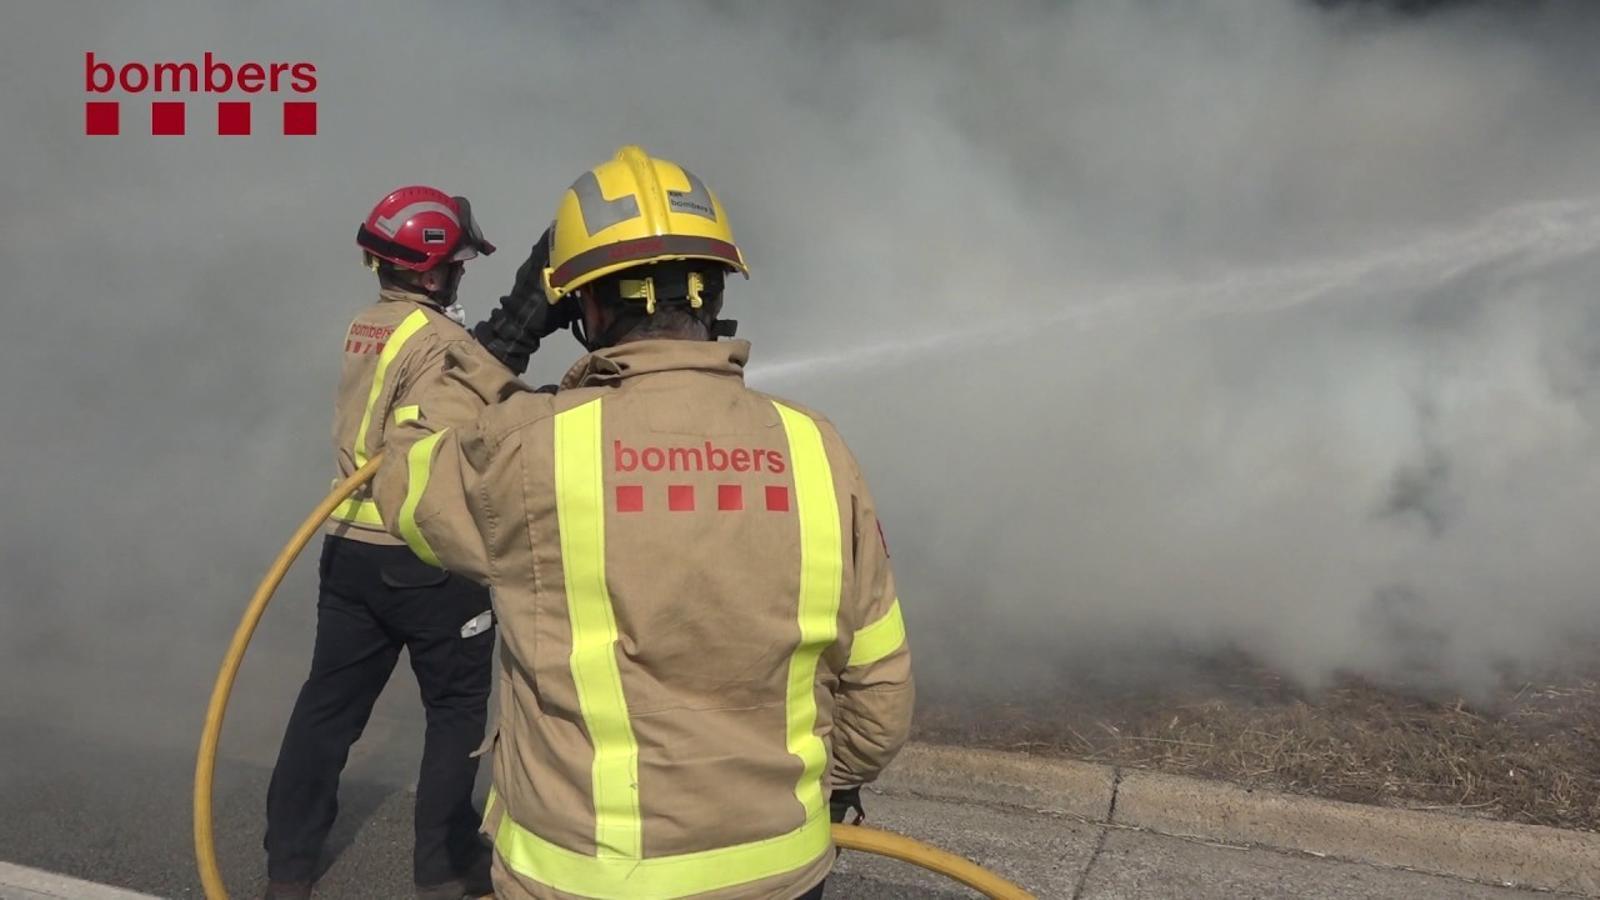 Imatges de l'incendi de Sant Fruitós de Bages difoses pels bombers